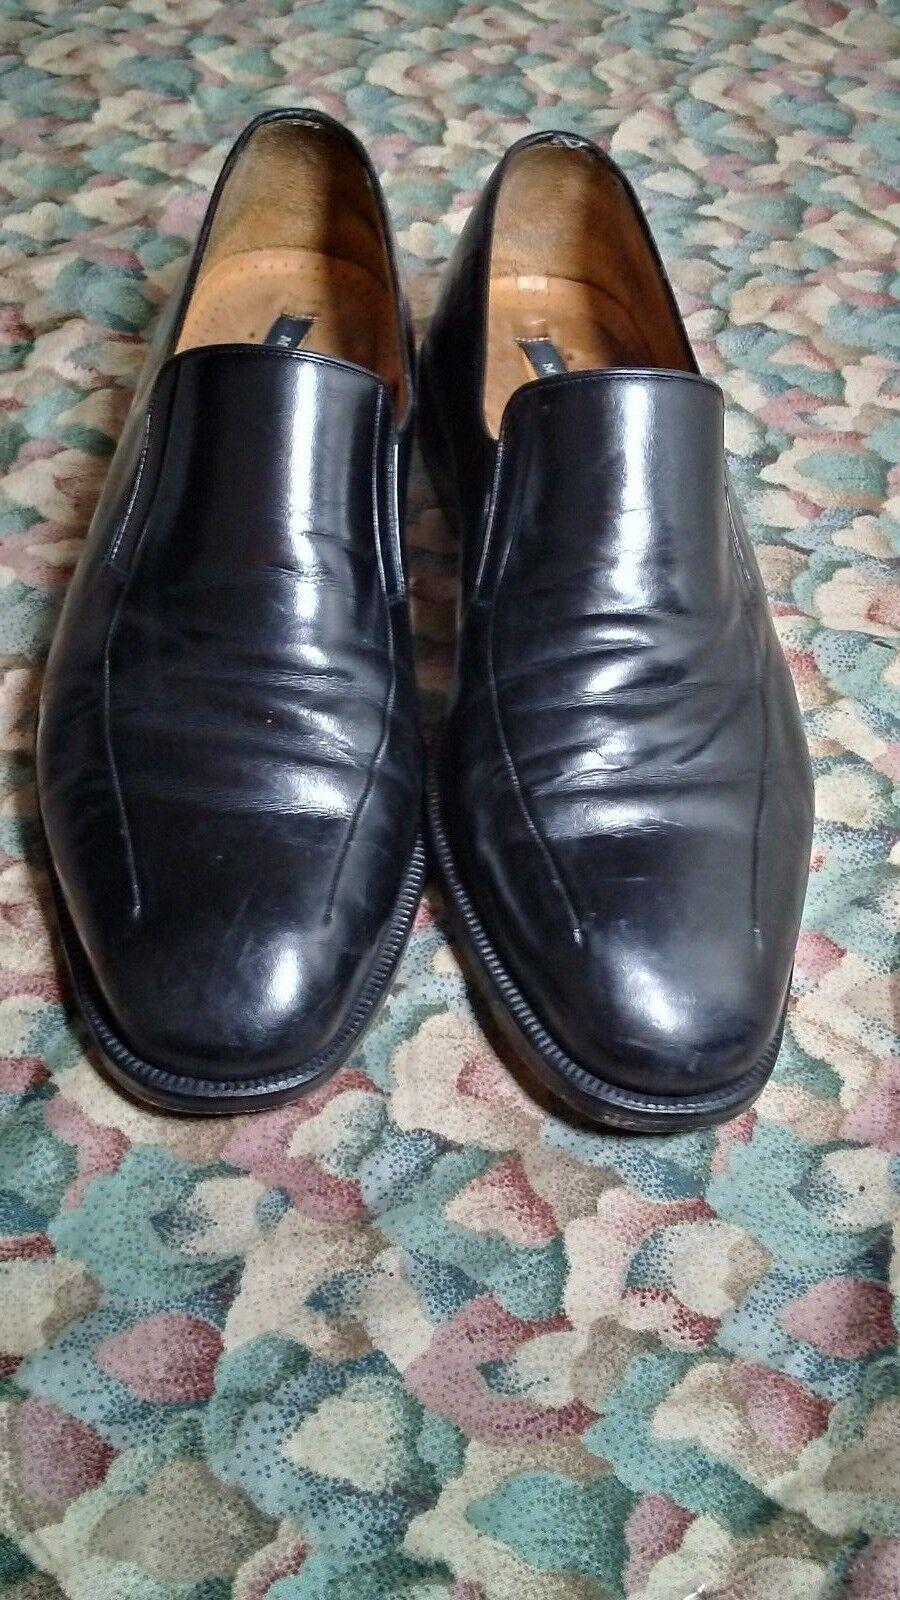 MAGNANNI  Leather Loafers shoes Sz. 10.5 M Black Men